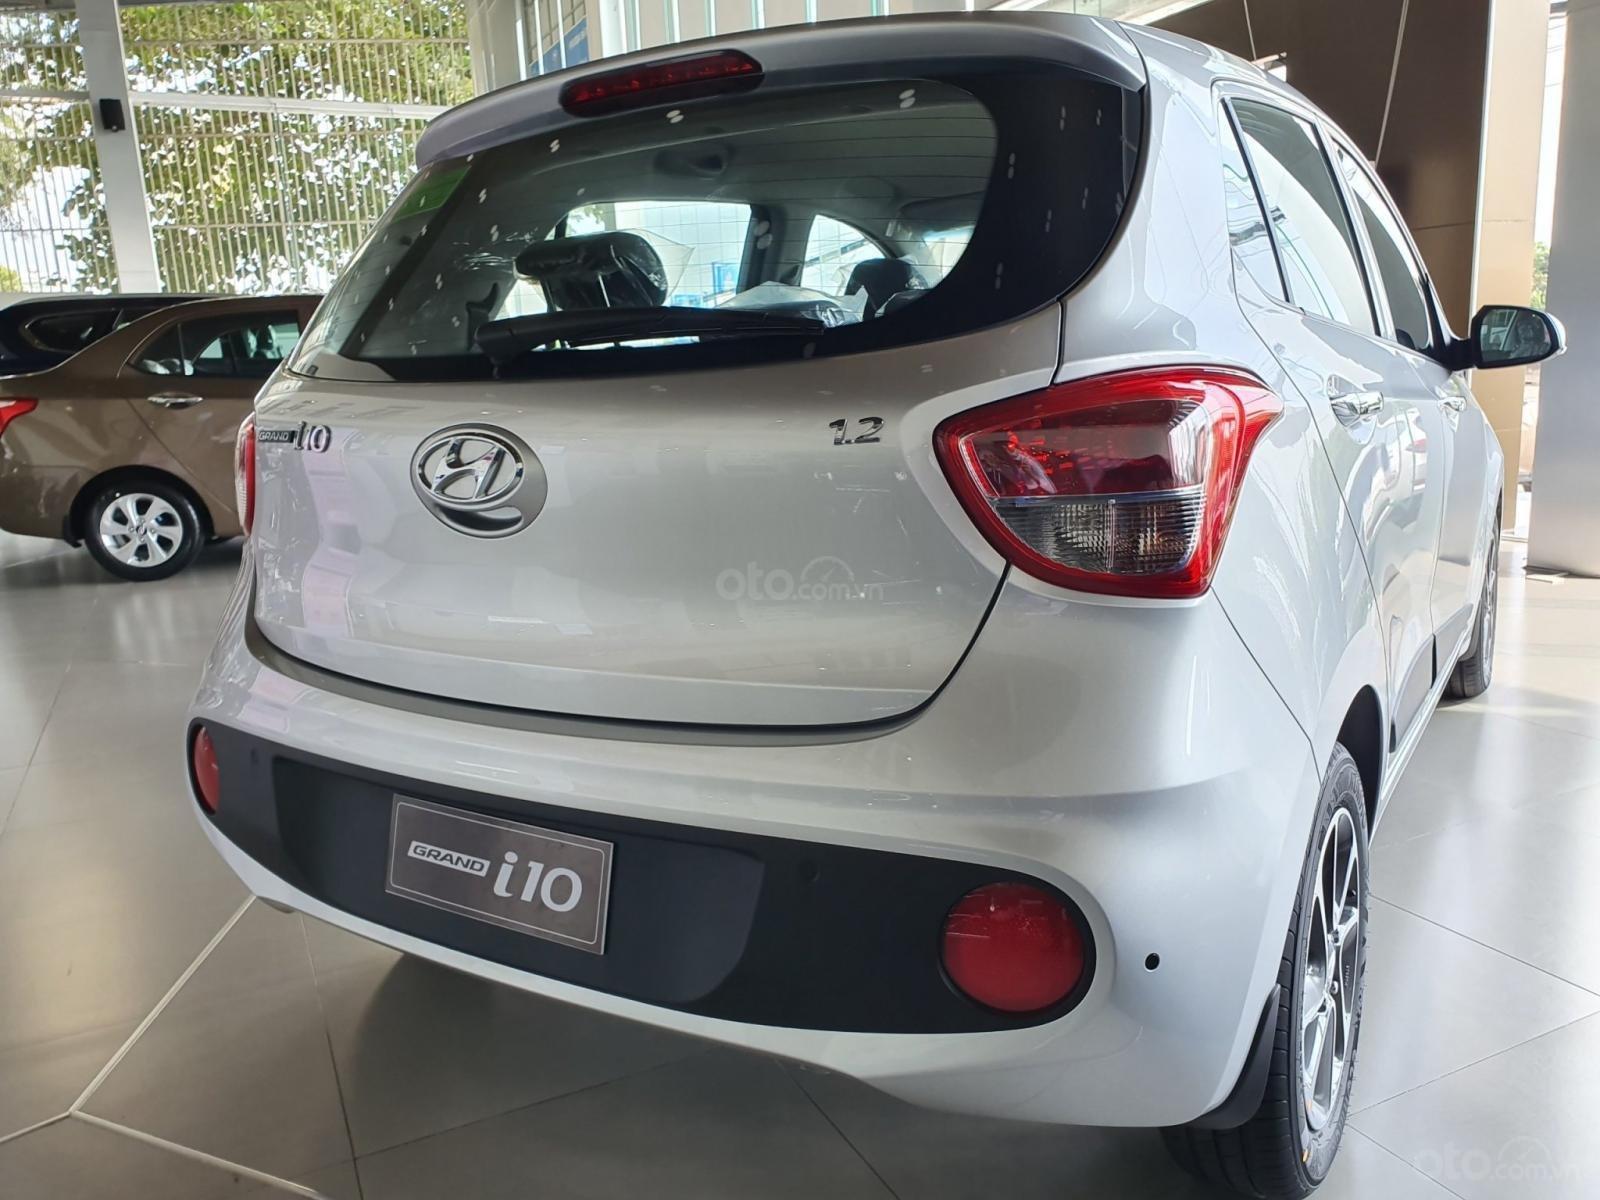 """""""Sốc"""" Tặng 15 triệu phụ kiện - Chỉ 120 triệu nhận xe - Hyundai Grand i10 1.2 2019, trả góp 85% - 0968500607 (1)"""